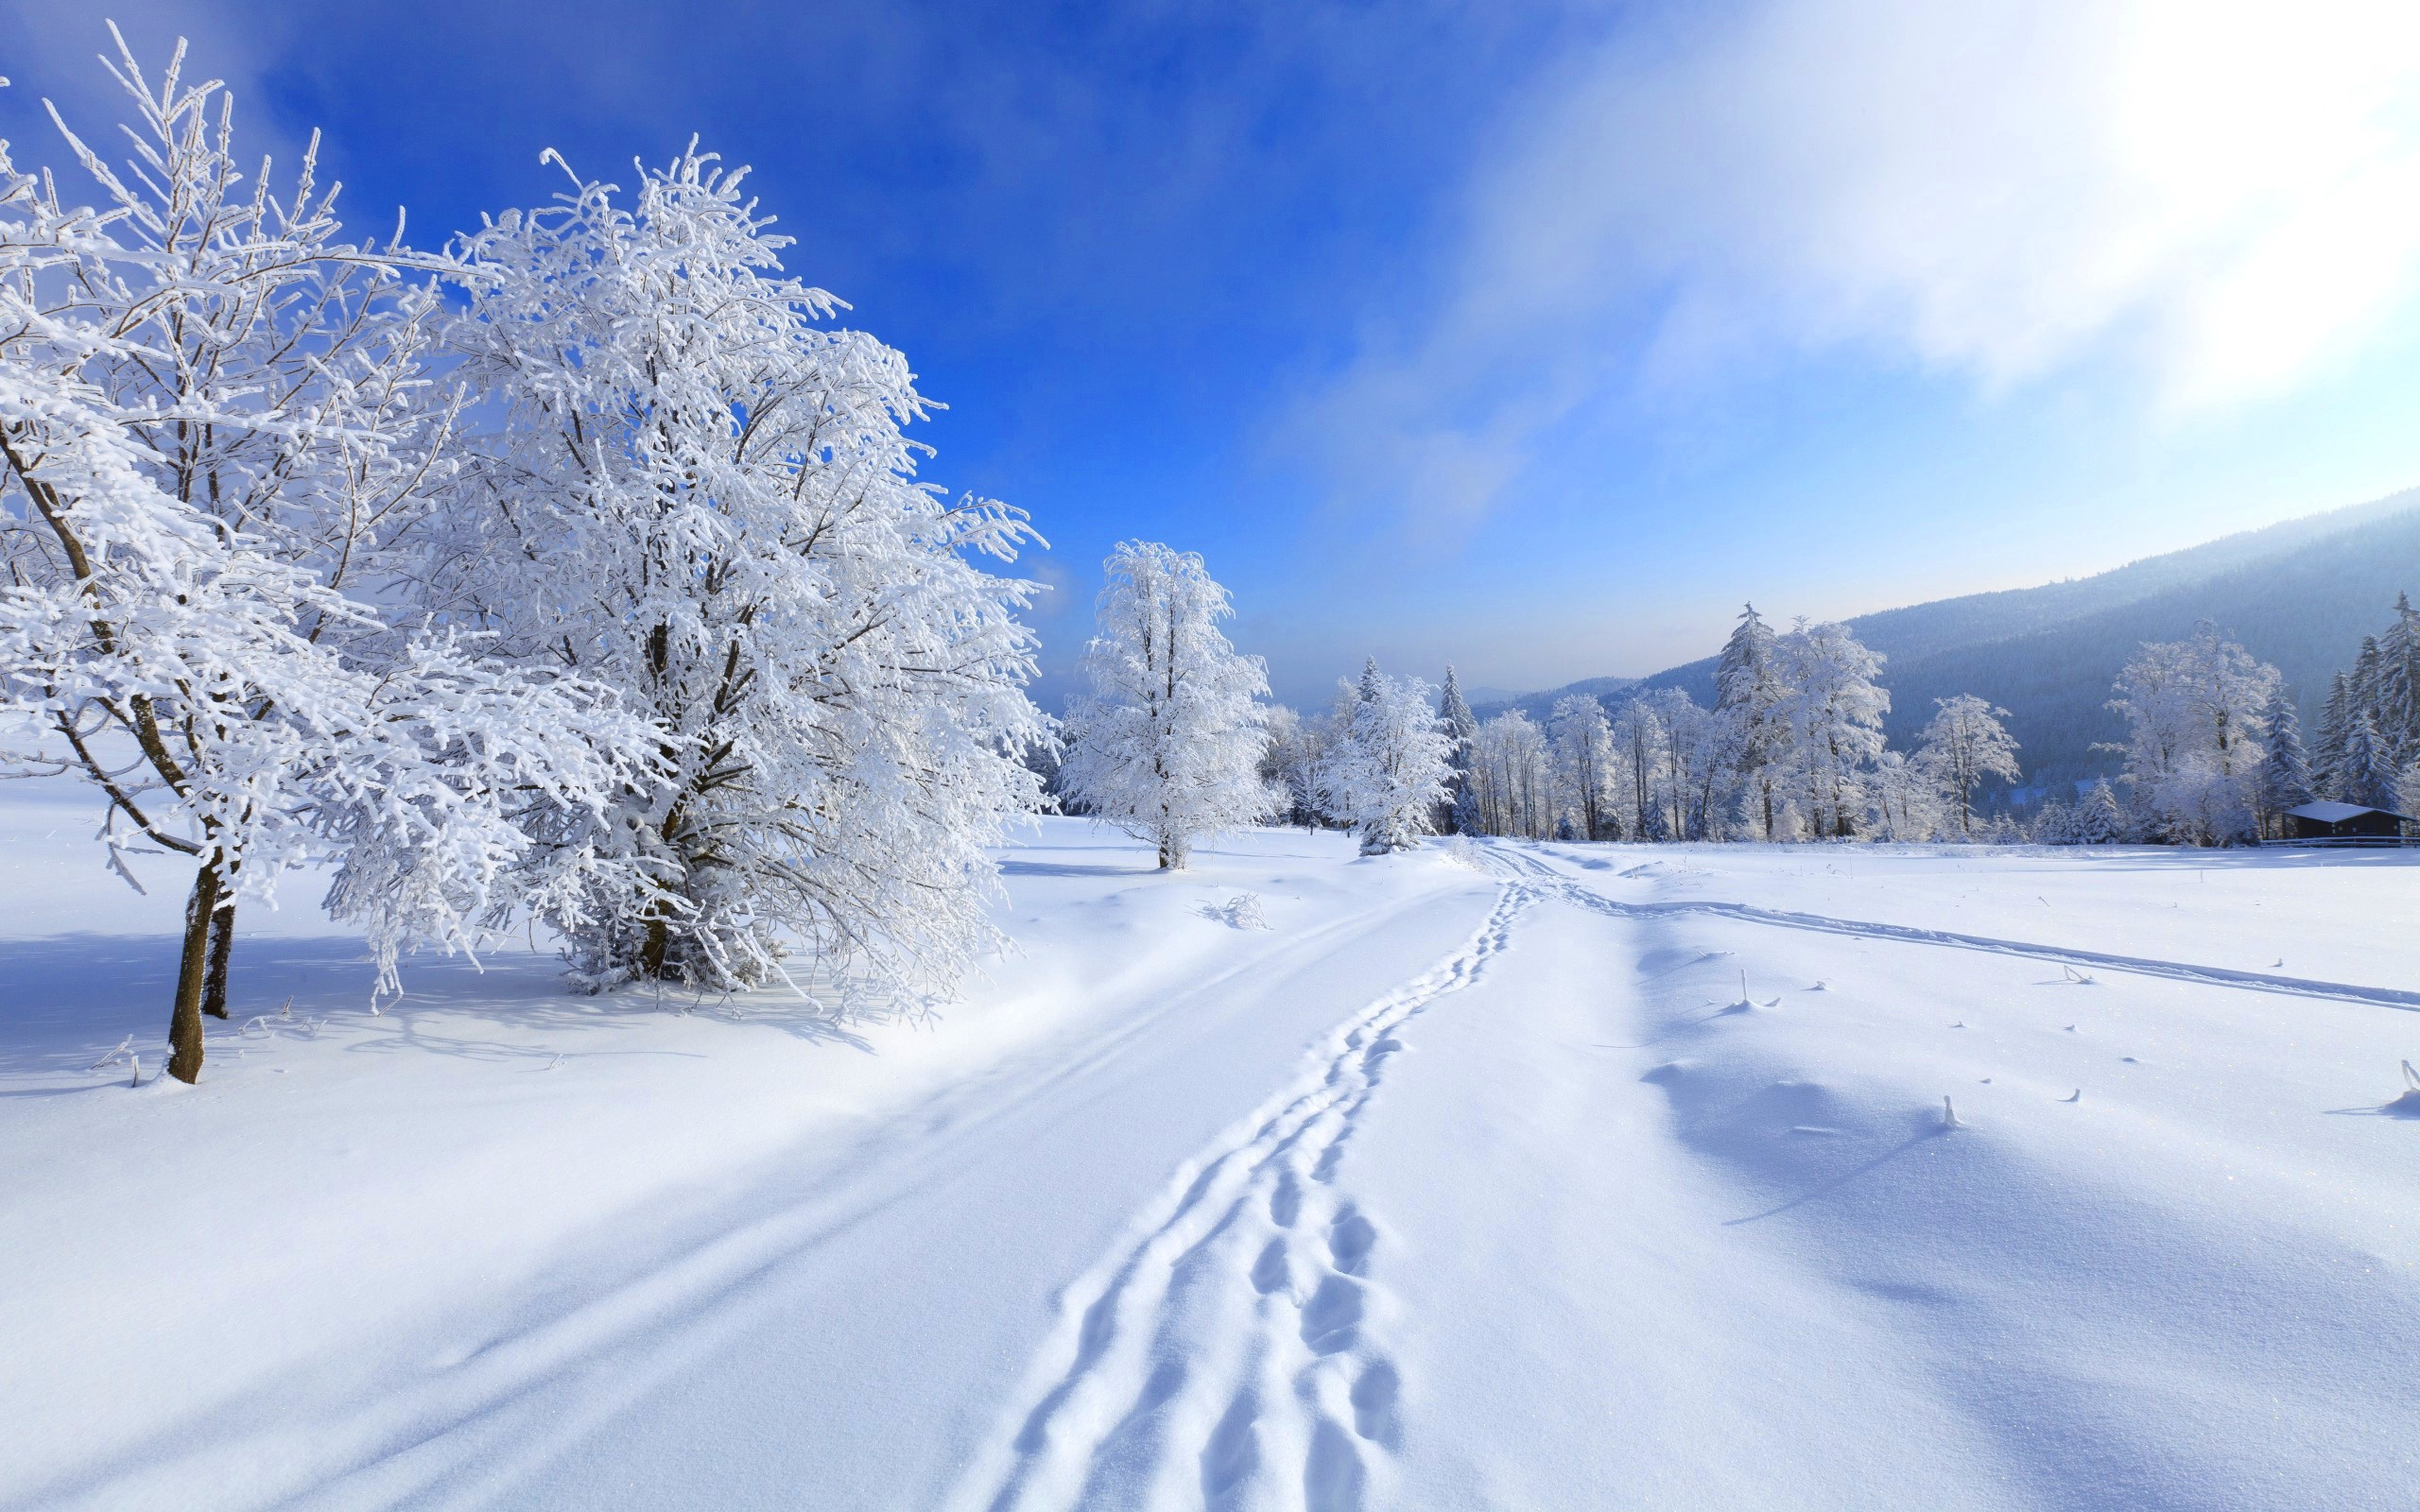 Красивые картинки зимы на рабочий стол в хорошем качестве (18)